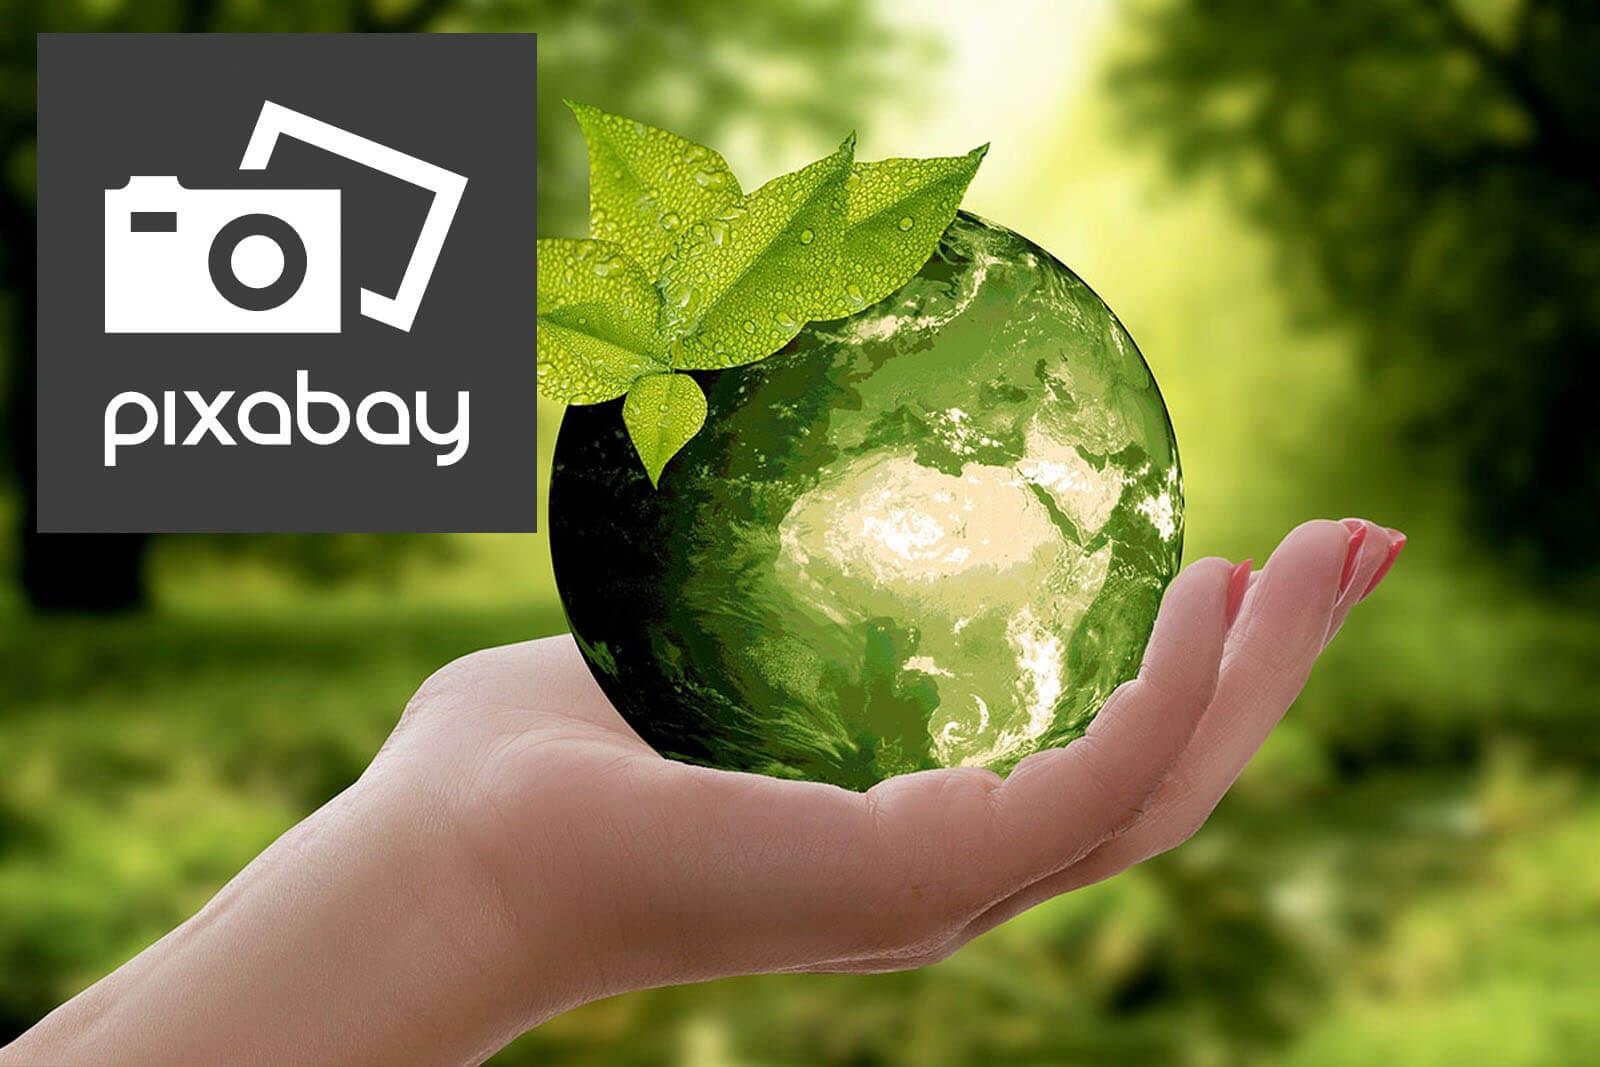 1. Pixabay.com – авторское сообщество